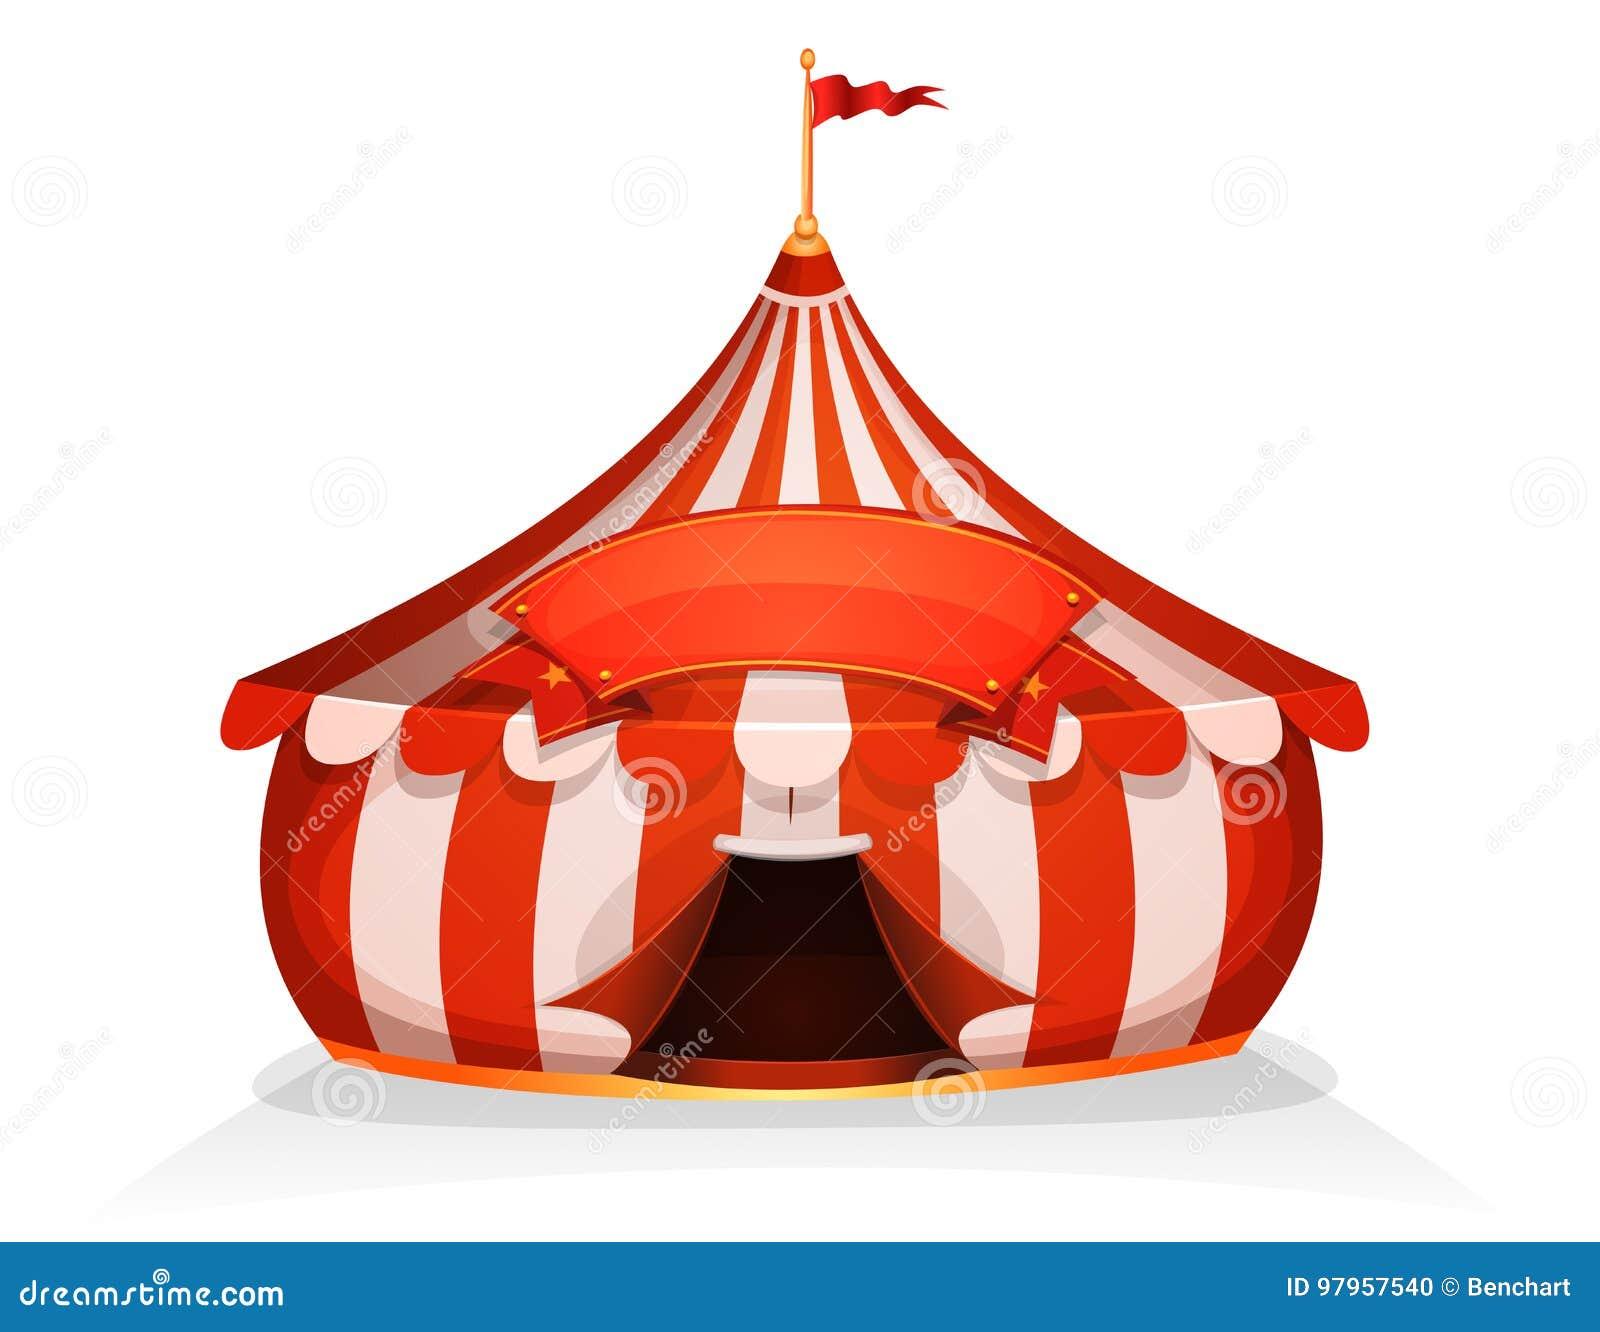 Tenda De Circo Pouca Tenda Do Circus Com Bandeira Ilustracao Do